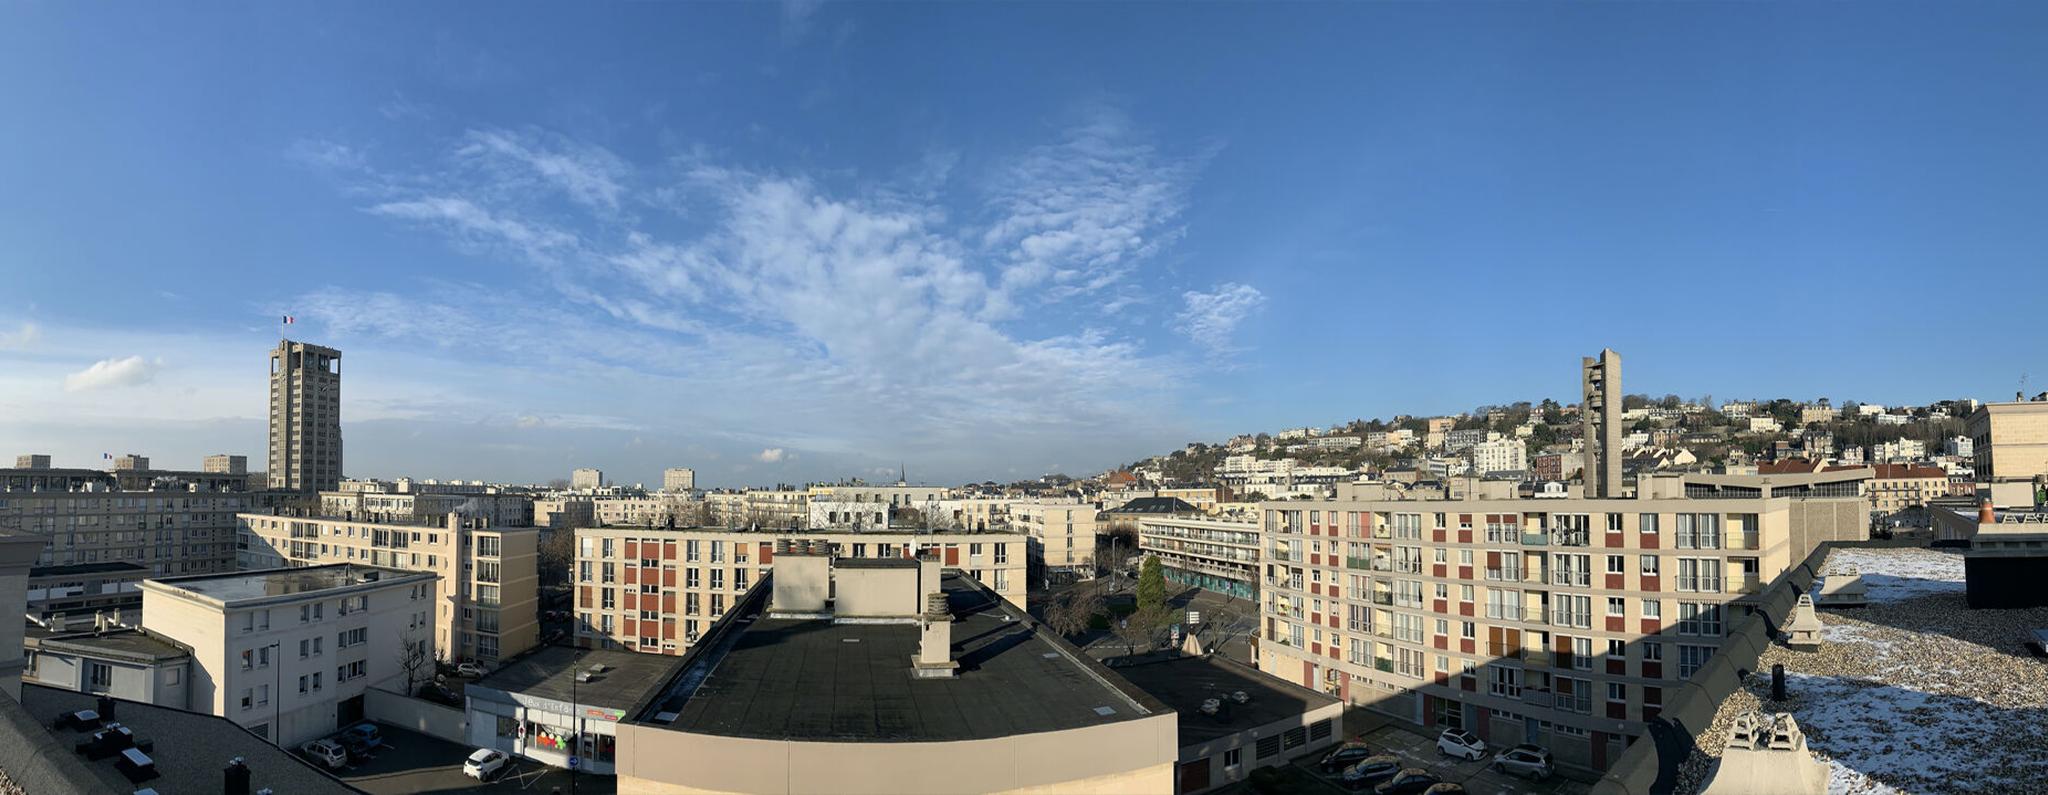 Ilot S63 - Le Havre - Rénovation énergétique de la toiture terrasse - Dufour Le Havre